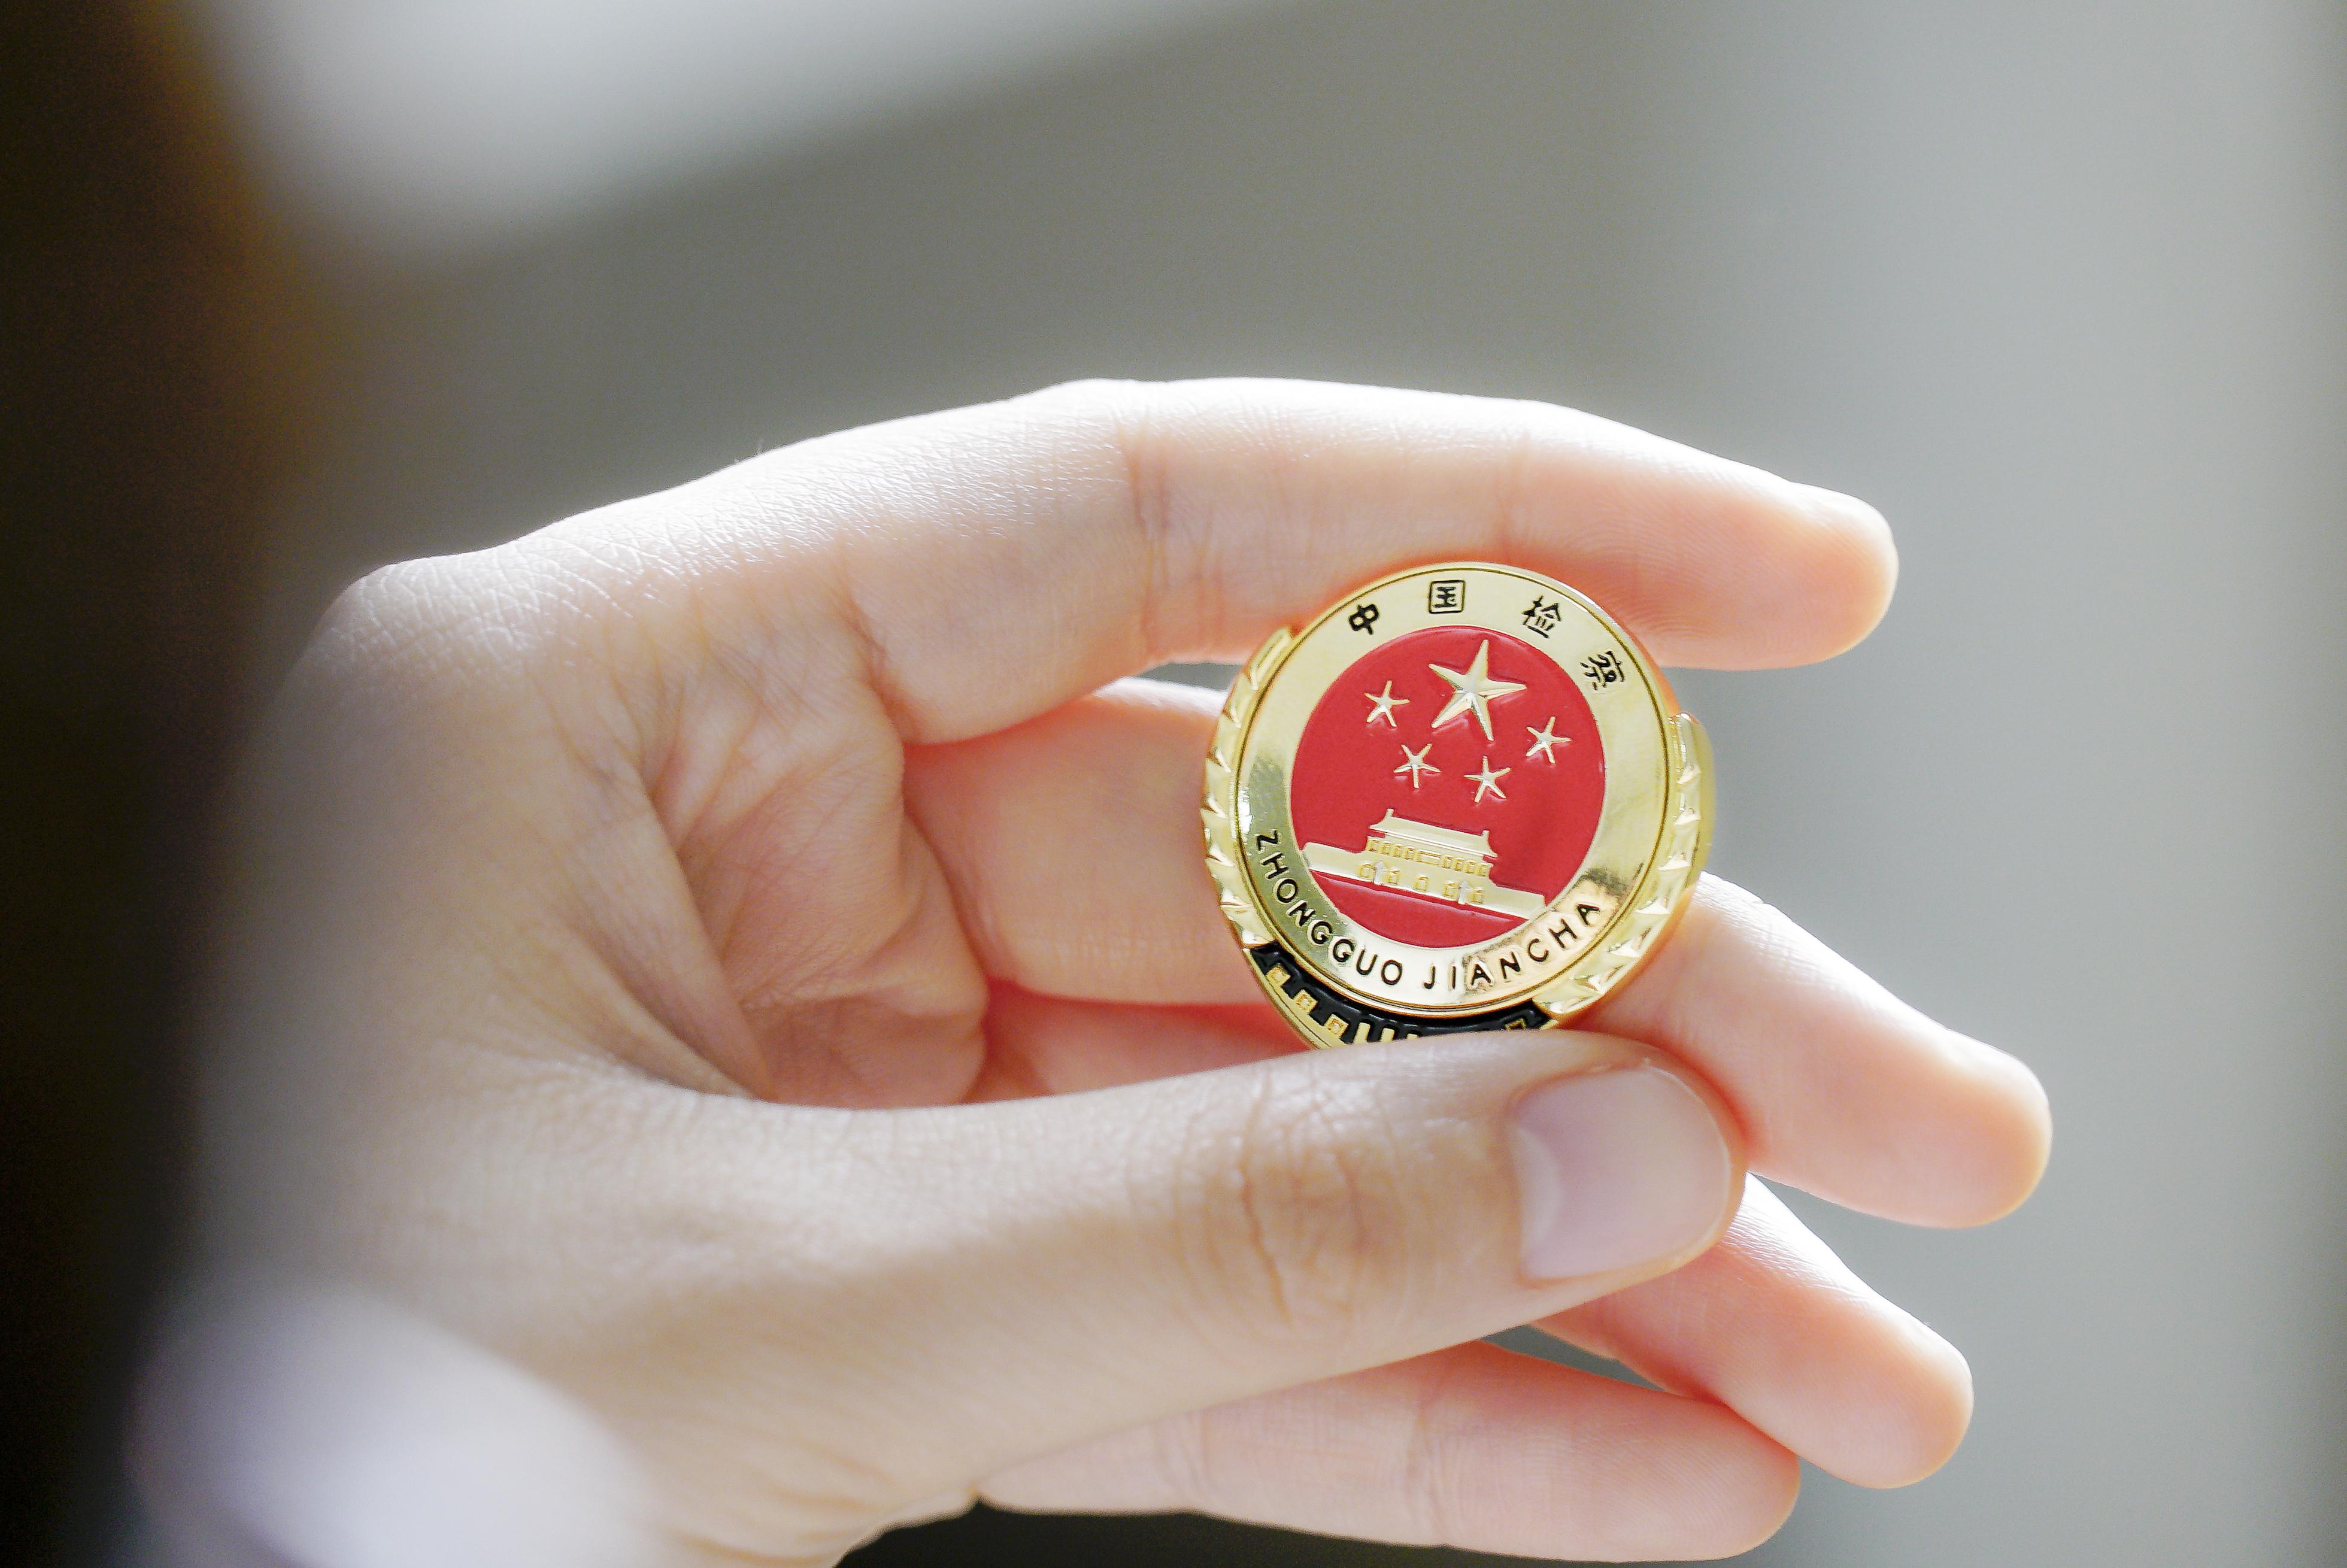 安徽:涉疫案件认罪认罚从宽制度适用率逾九成